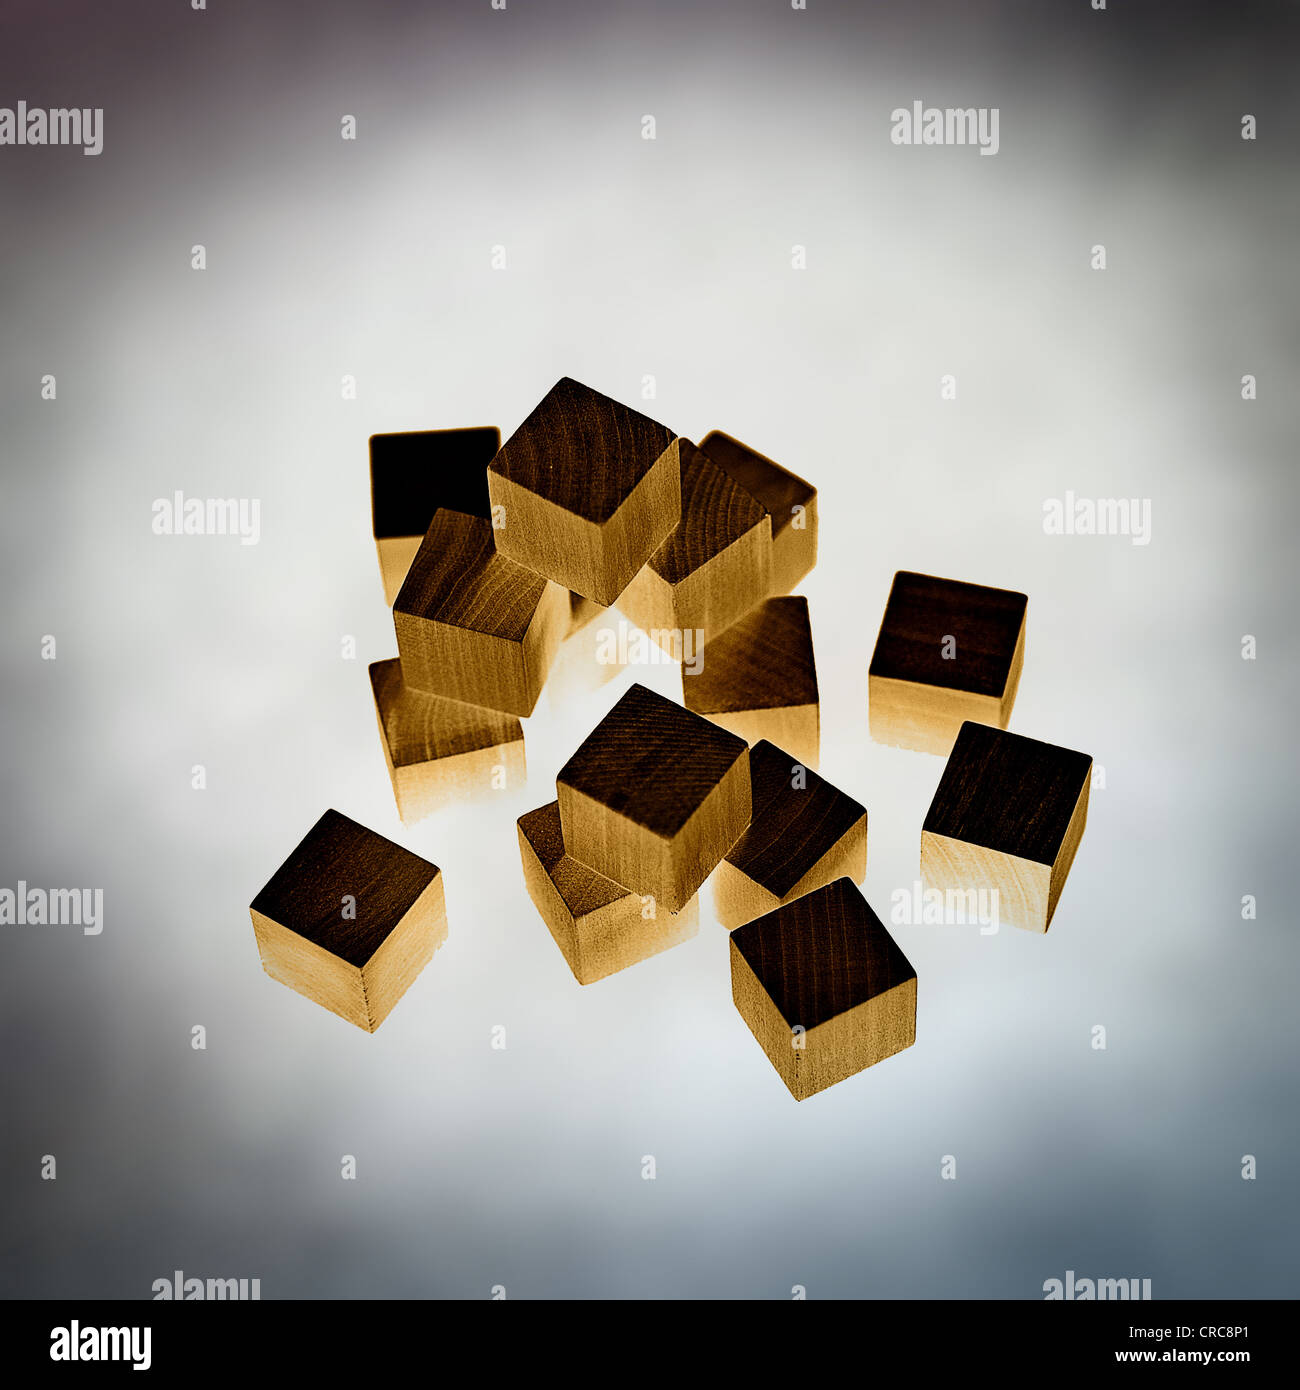 Holz Würfel Stockbild